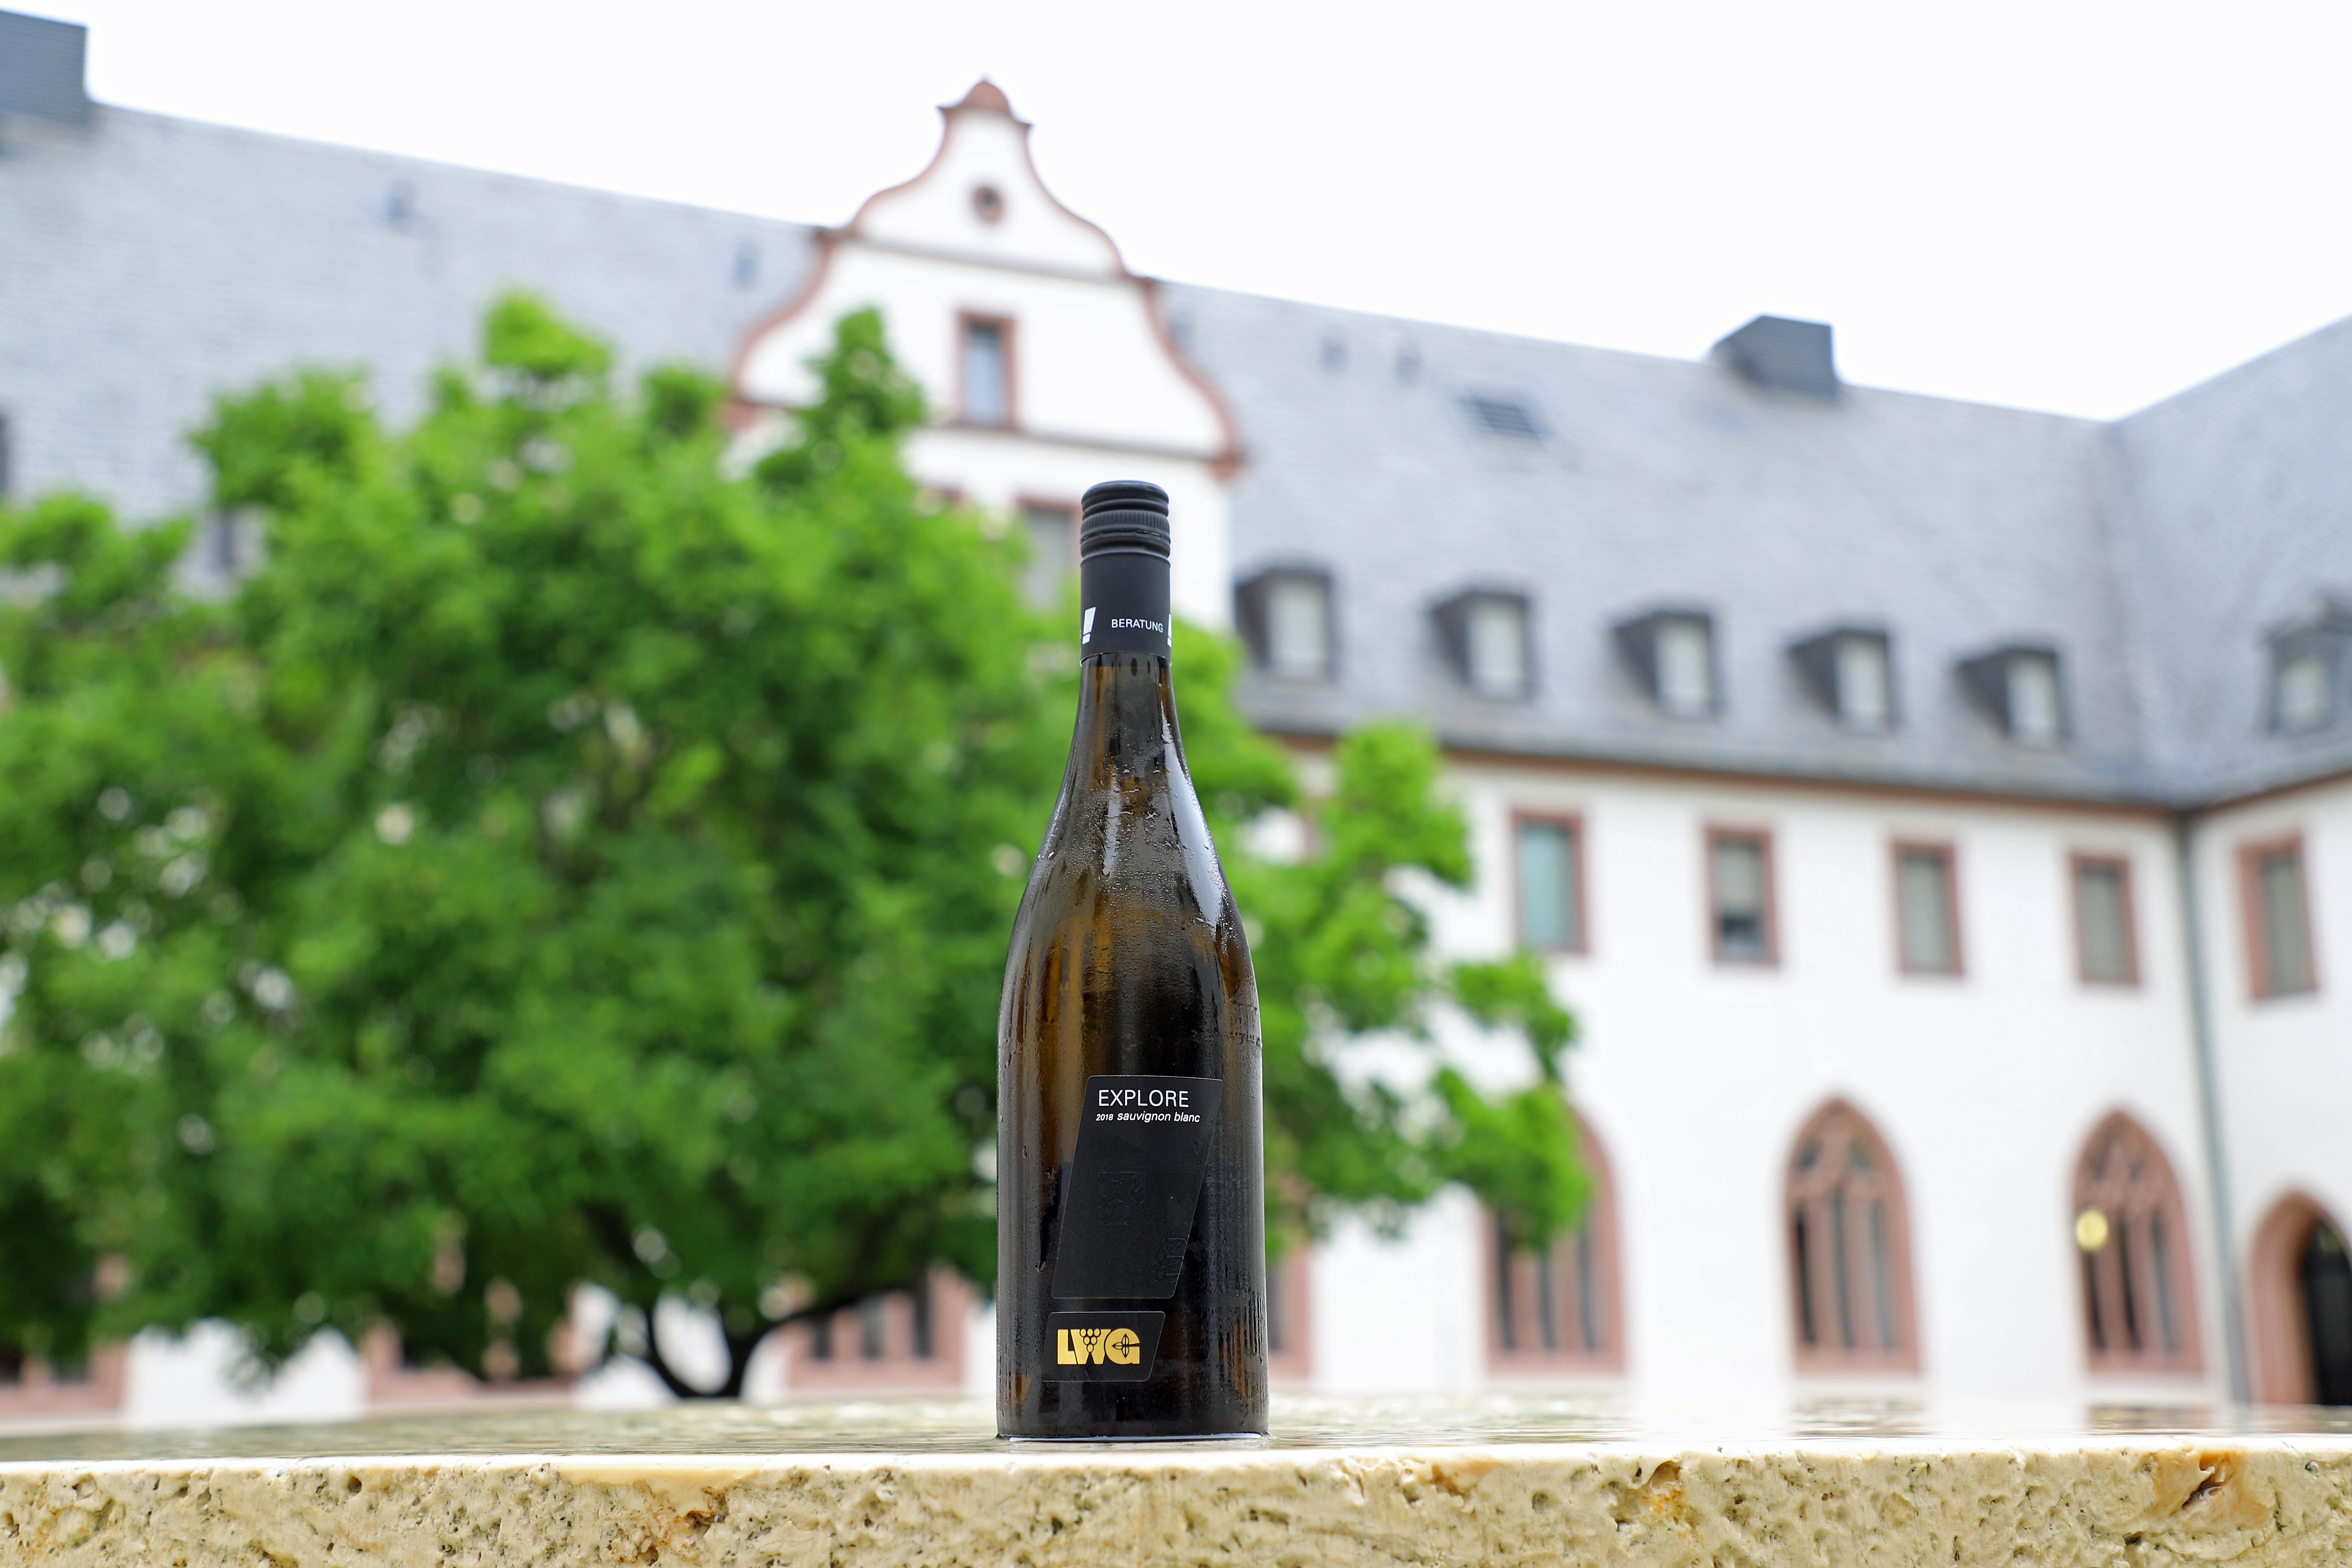 Siegerwein Bayerische Landesanstalt für Weinbau und Gartenbau LWG